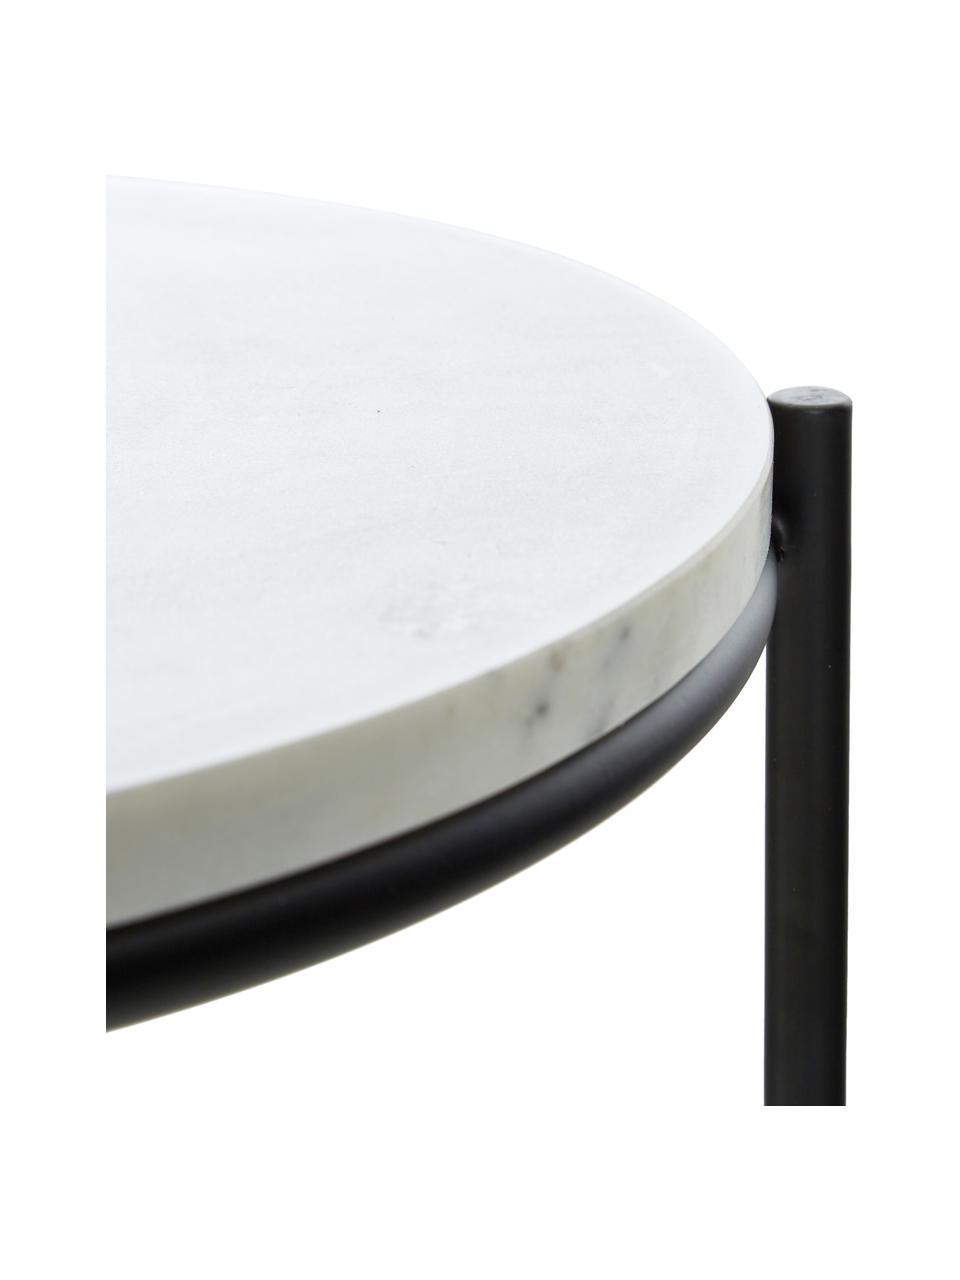 Runder Marmor-Beistelltisch Ella, Tischplatte: Marmor, Gestell: Metall, pulverbeschichtet, Weißer Marmor, Schwarz, Ø 40 x H 50 cm